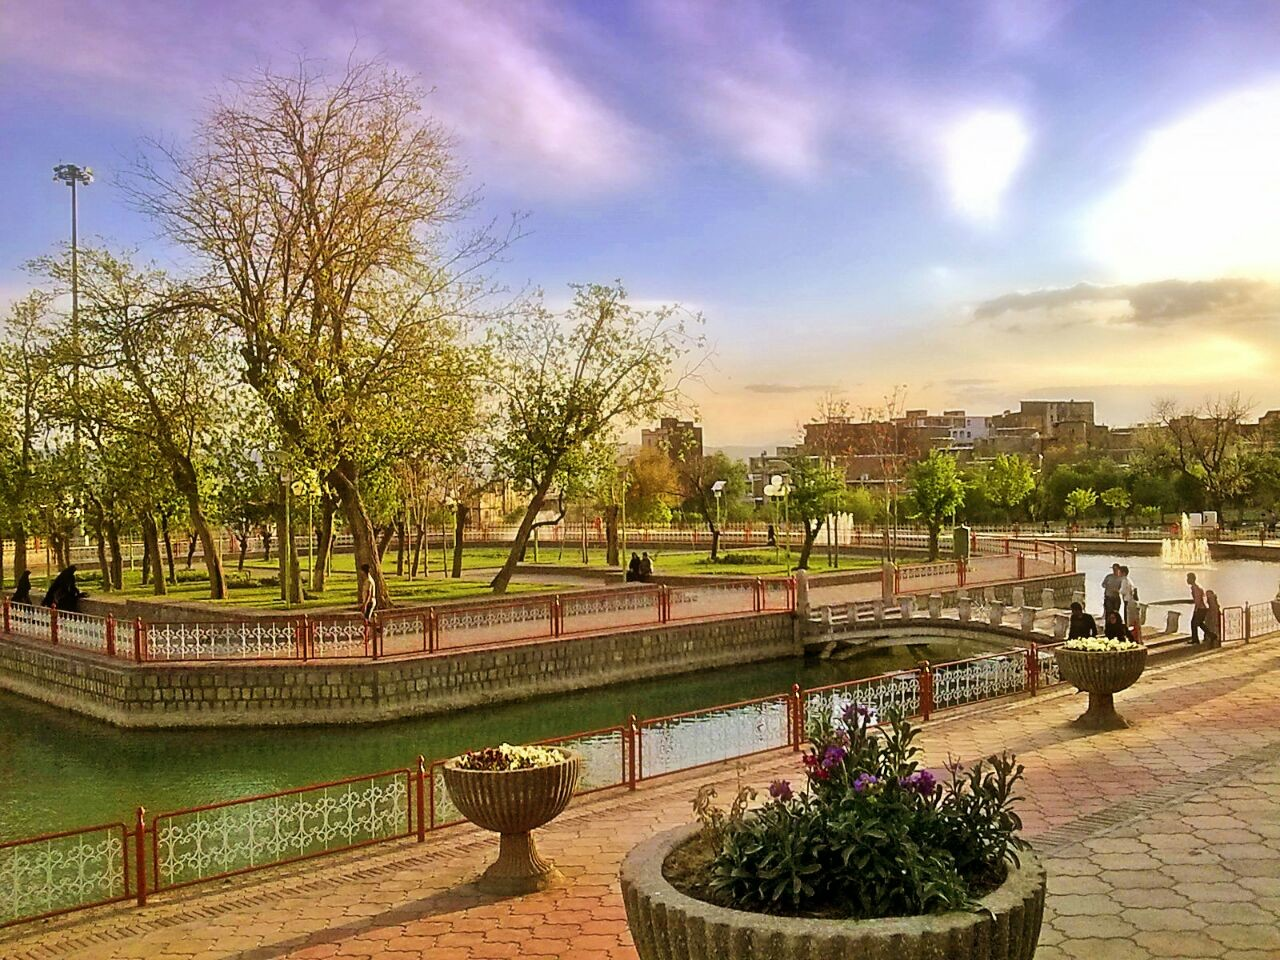 پارک سیفیه ملایر، ایتالیایی کوچک در غرب ایران